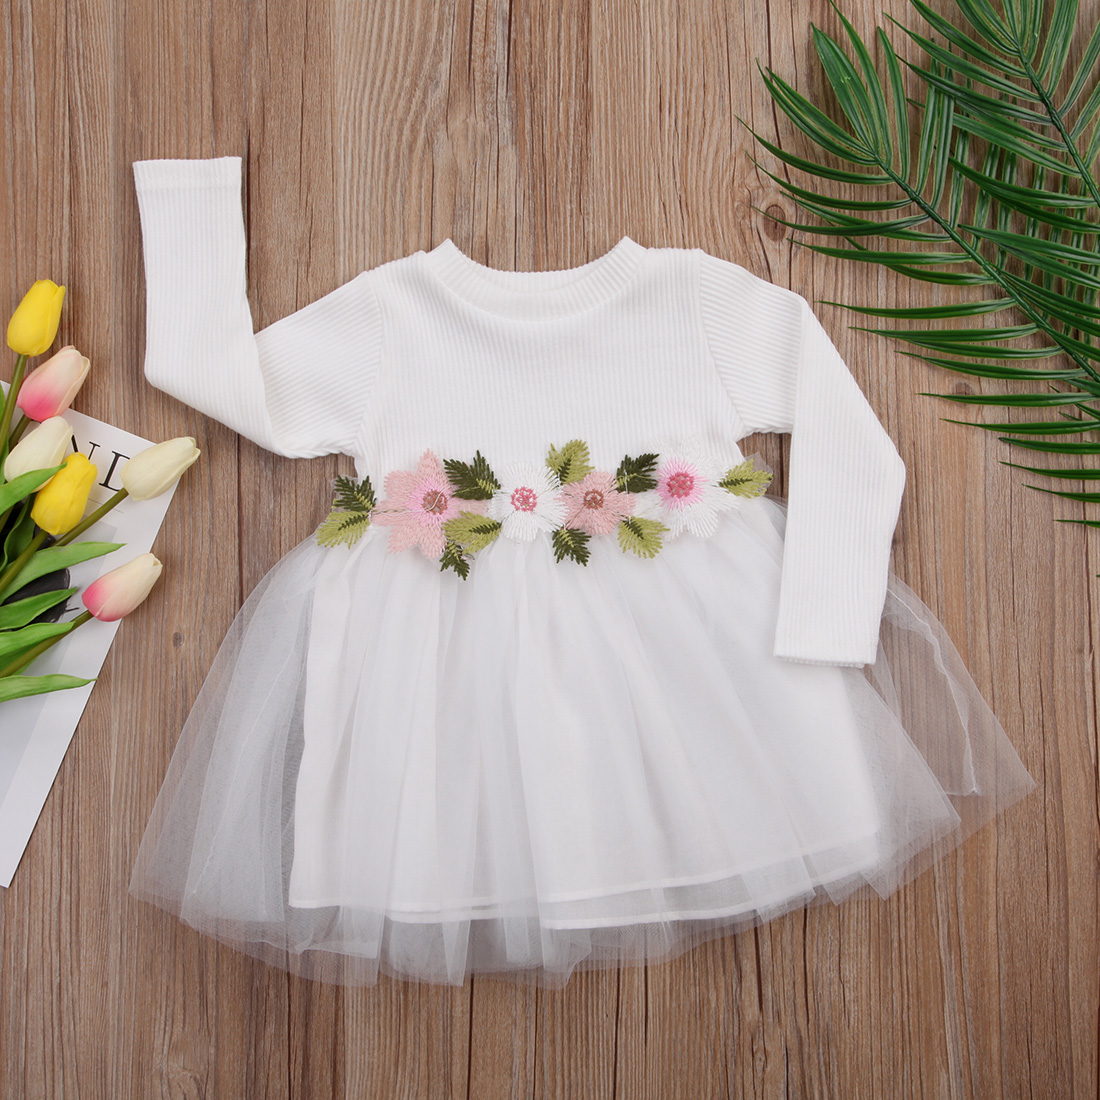 1 PZ Fiore Ragazze Autunno Inverno Abiti in Maglia Sveglio Infantile Del Bambino ragazza Manica Lunga Rosa Bianco Bianco Tutu Ball Gown Dress 0-3Y